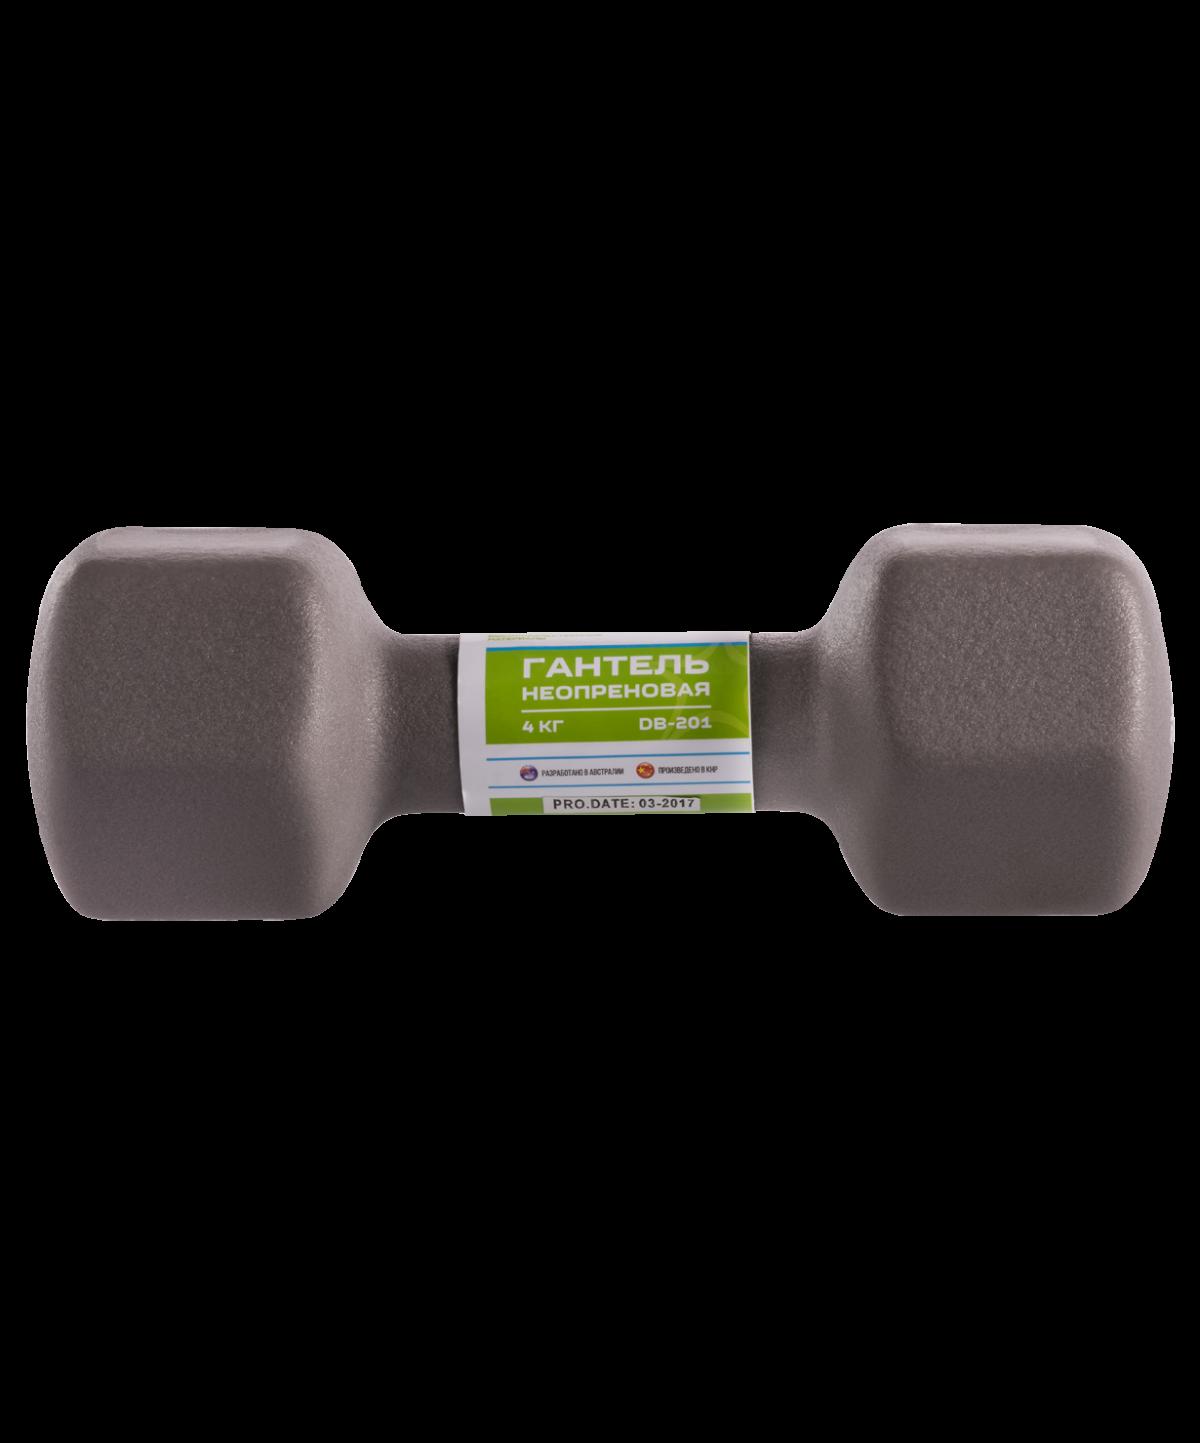 STARFIT Гантель неопреновая 4 кг, серая  DB-201 - 2